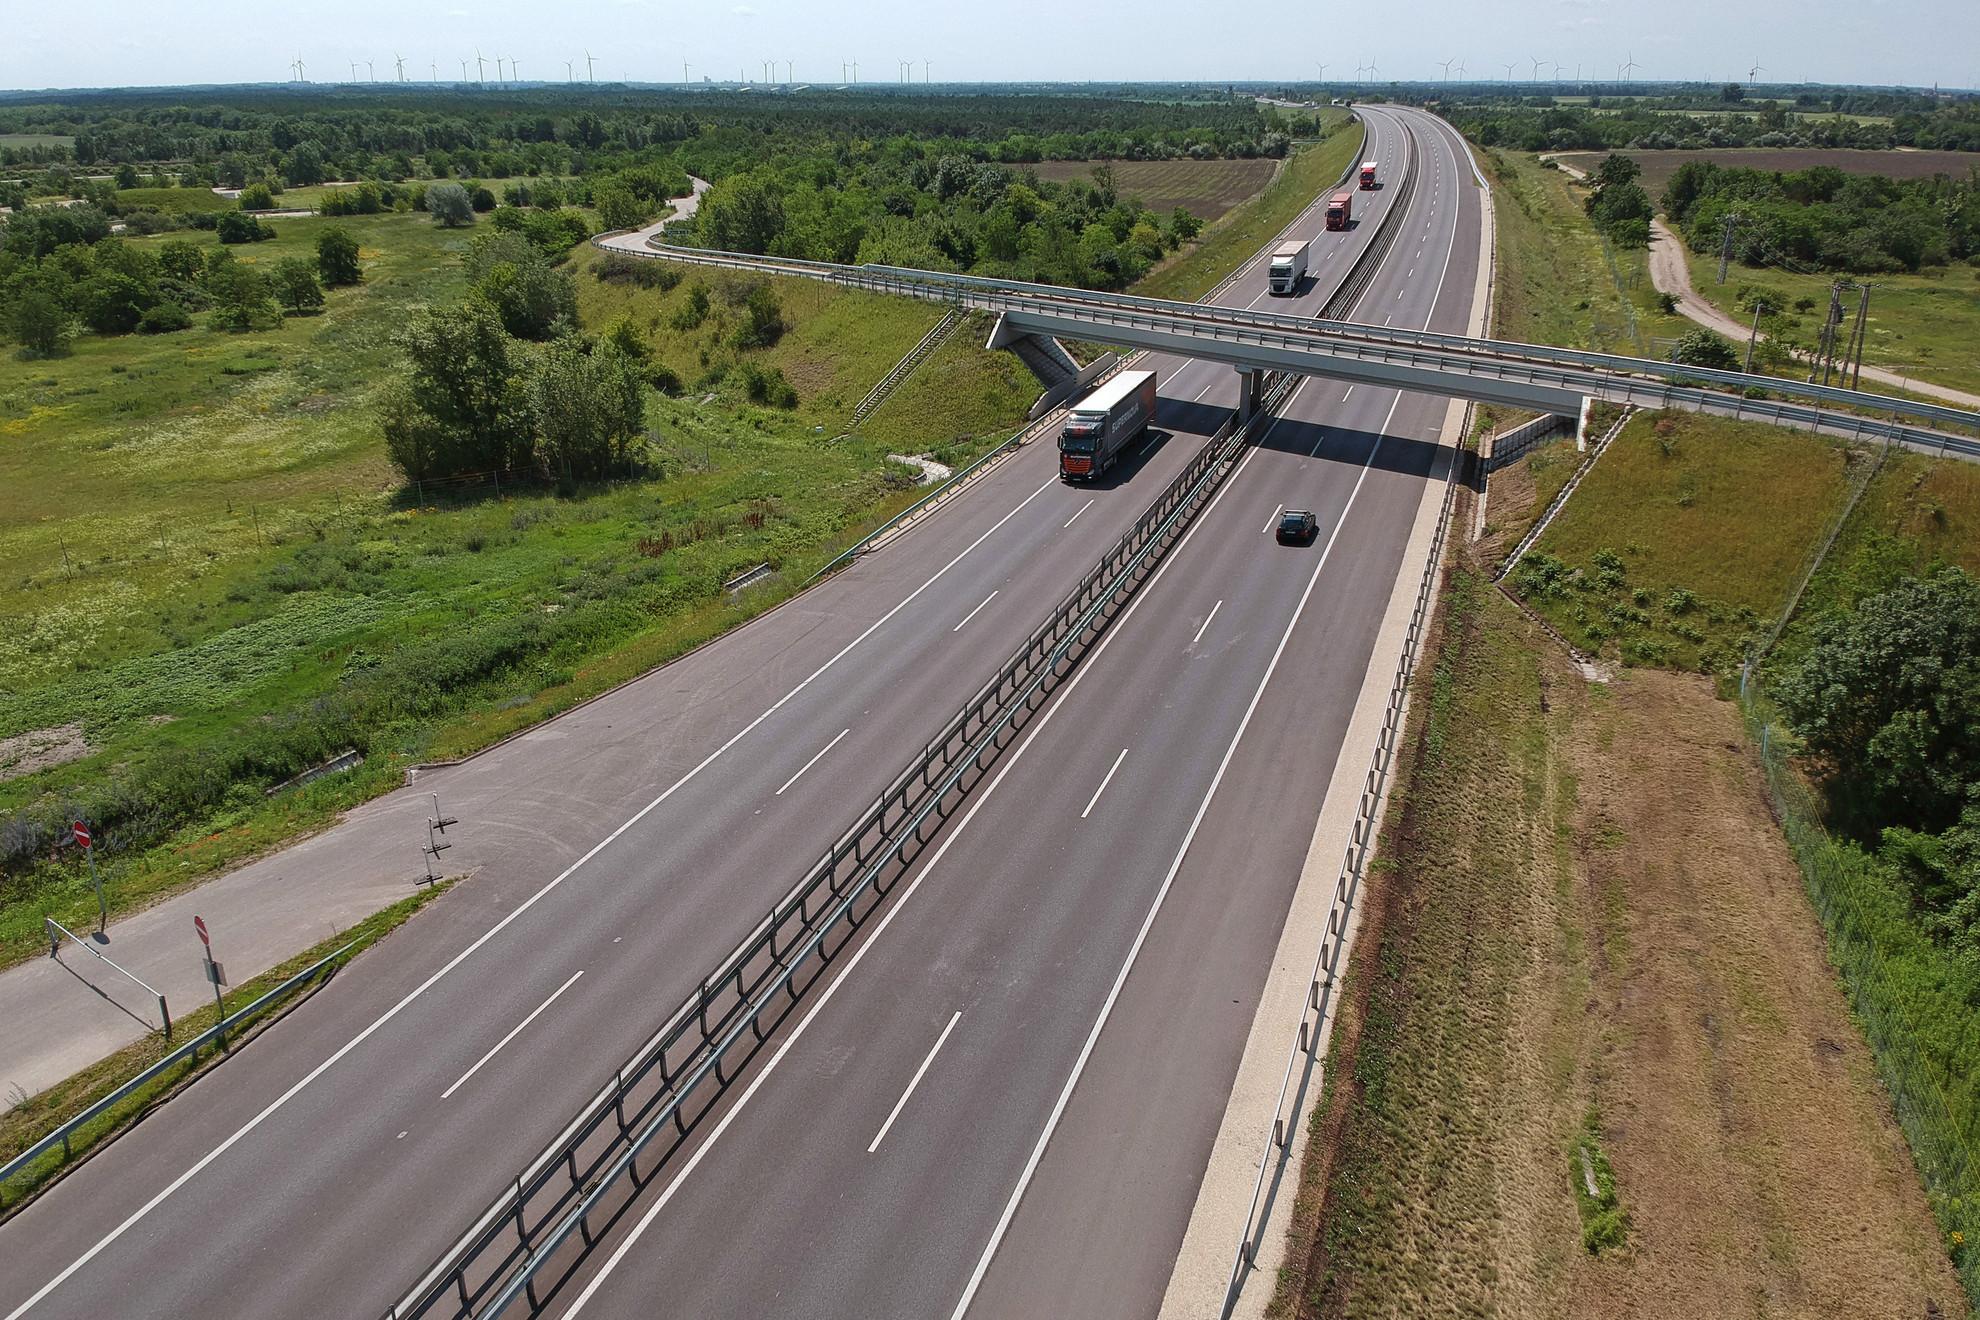 Gépjárművek közlekedik az M15-ös autóút 2x2 sávos autópályává történő bővítésének záró sajtótájékoztatója napján Rajka közelében, az autópálya leendő Márialigeti pihenőjénél